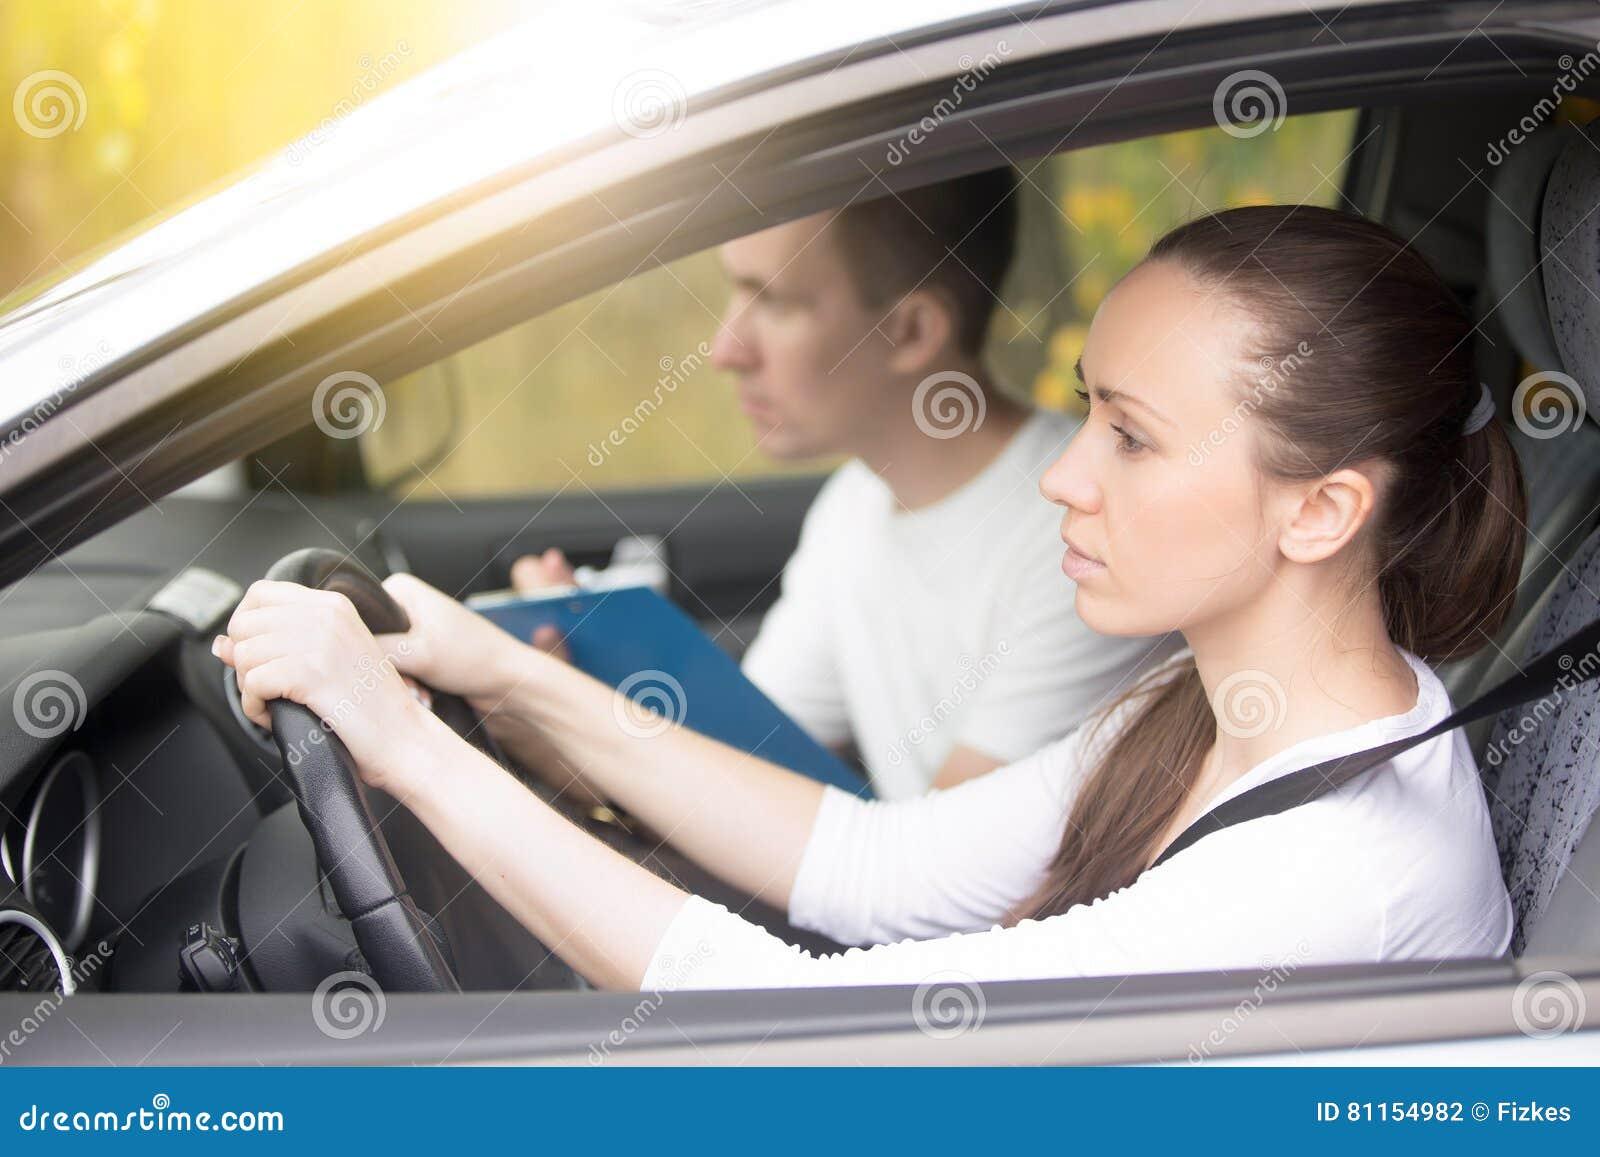 jeune femme d 39 examen de conduite conduisant une voiture homme s 39 asseyant de c t photo stock. Black Bedroom Furniture Sets. Home Design Ideas